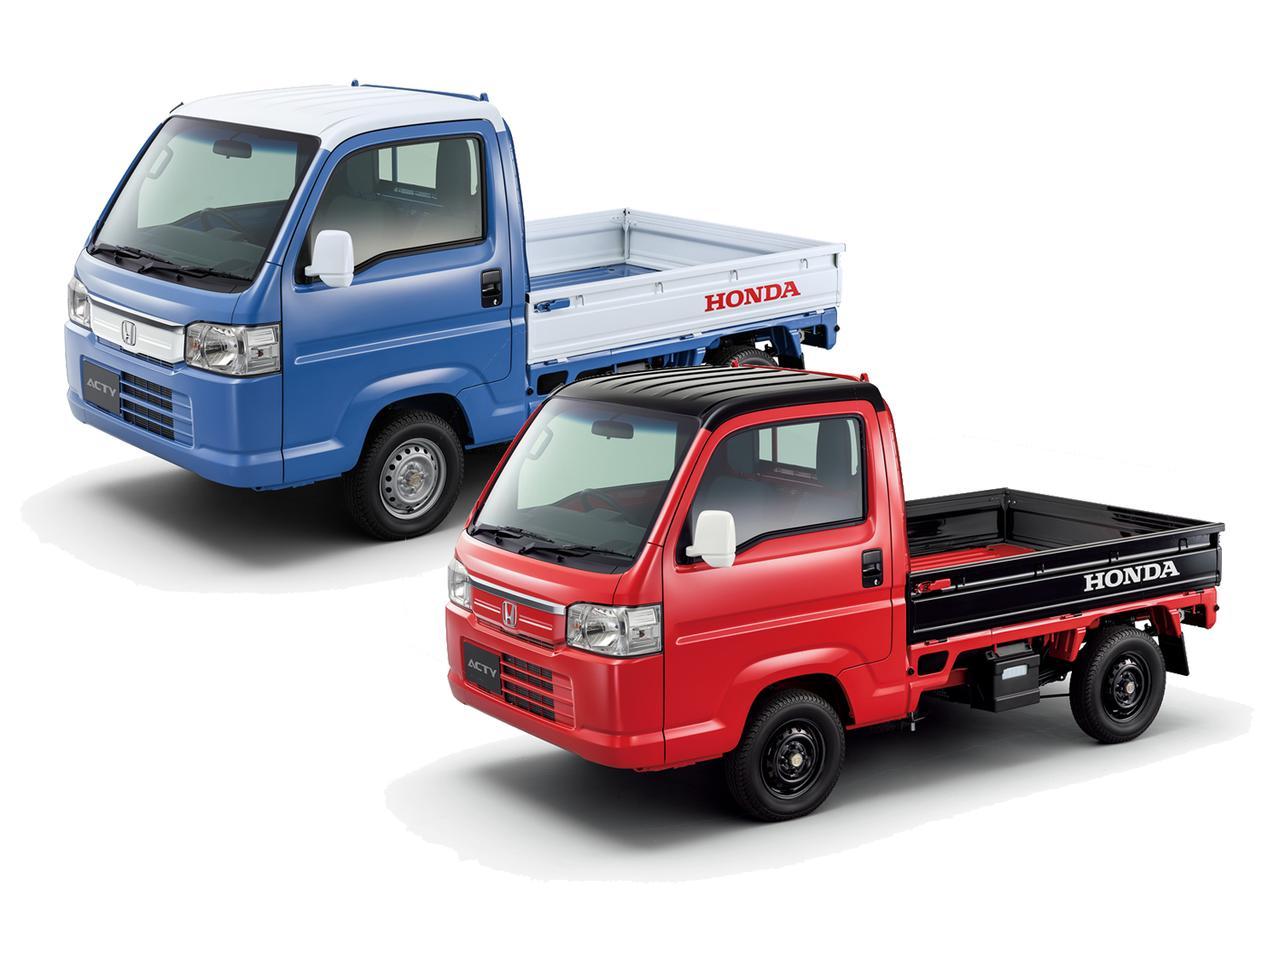 【ニュース】トラックだってカラフルに! ホンダ アクティ•トラックの特別仕様車「スピリットカラースタイル」を発売